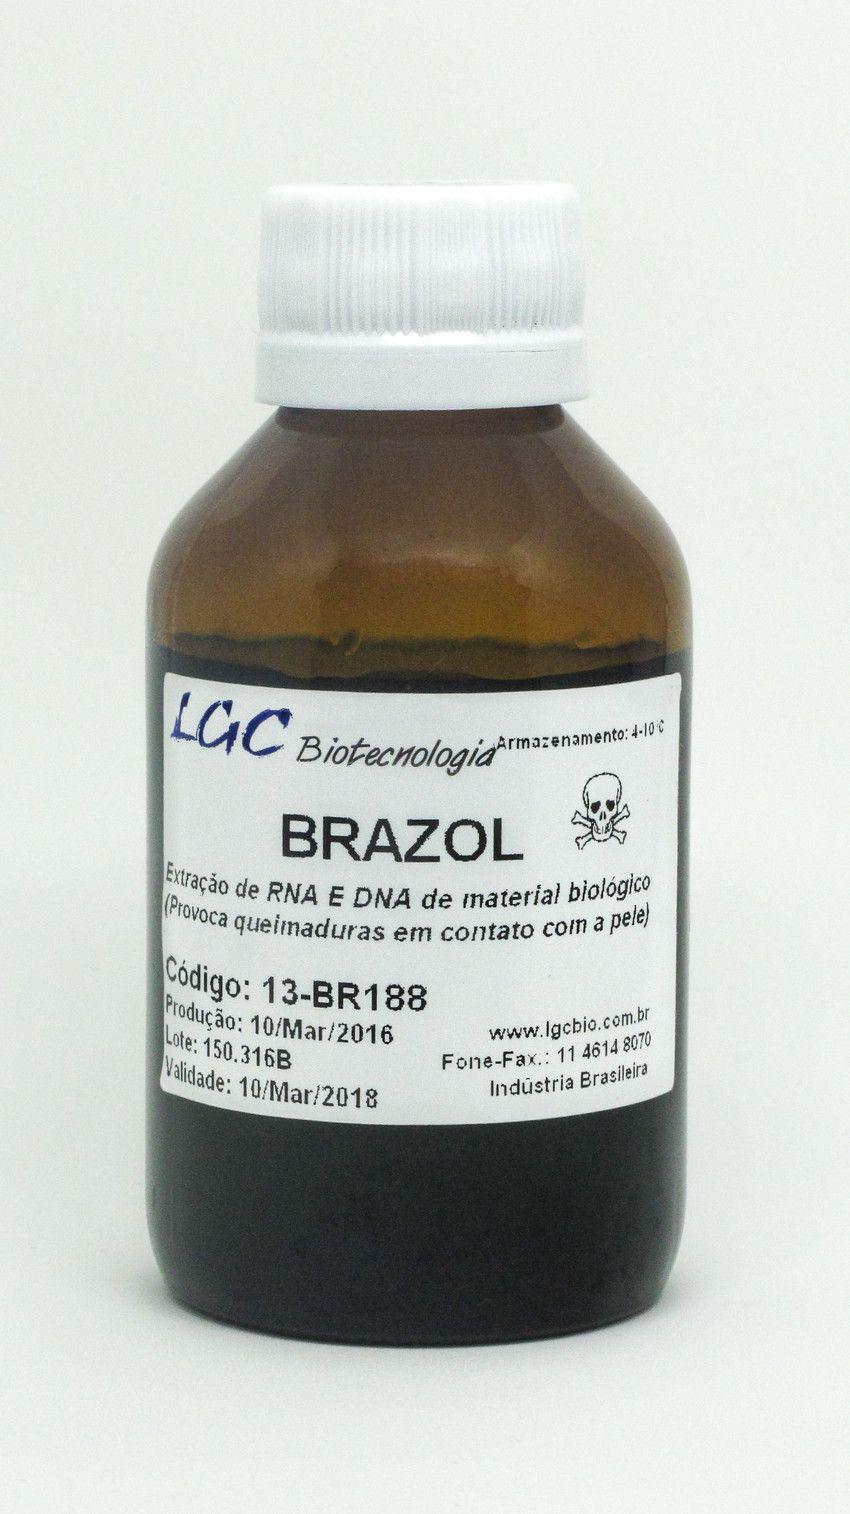 BRAZOL - REAGENTE A BASE DE FENOL PARA EXTRAÇÃO DE DNA